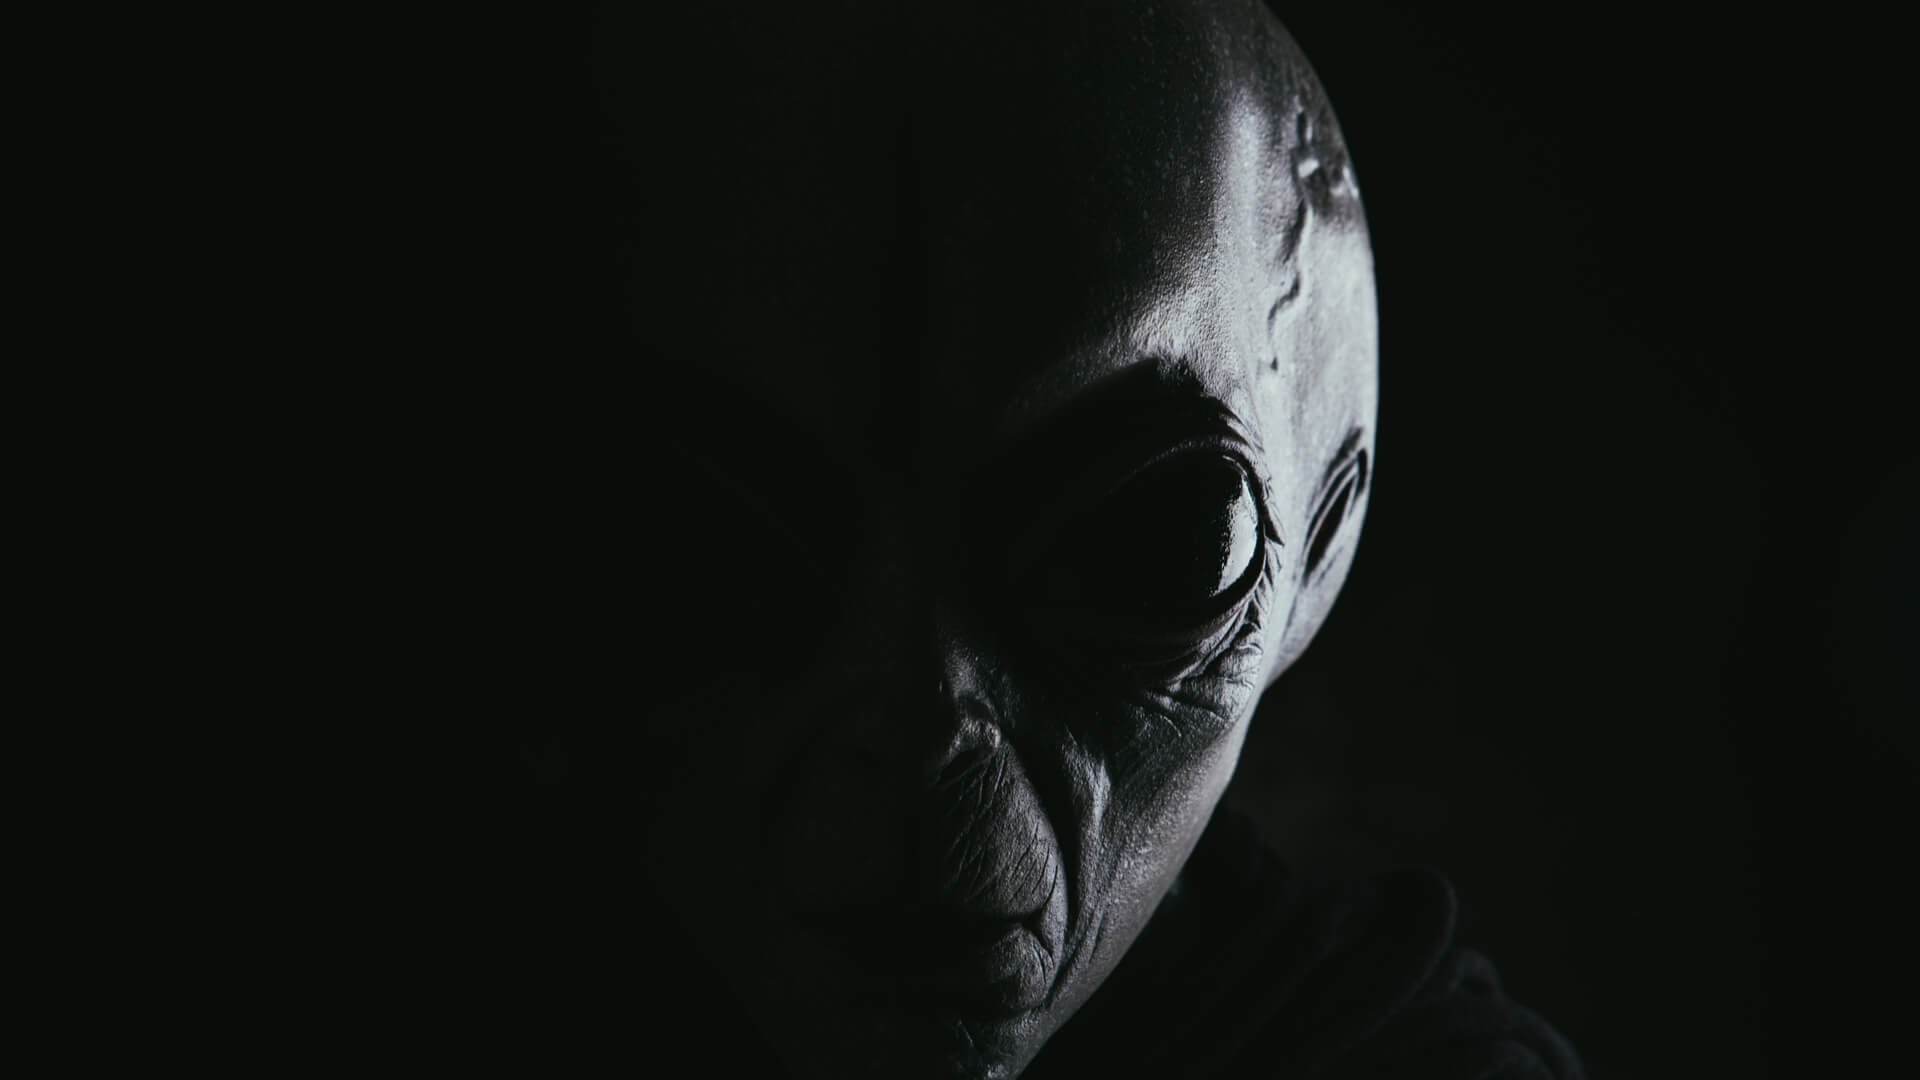 ALIEN-ŻYCIE-POZAZIEMSKIE-UFO.JPG